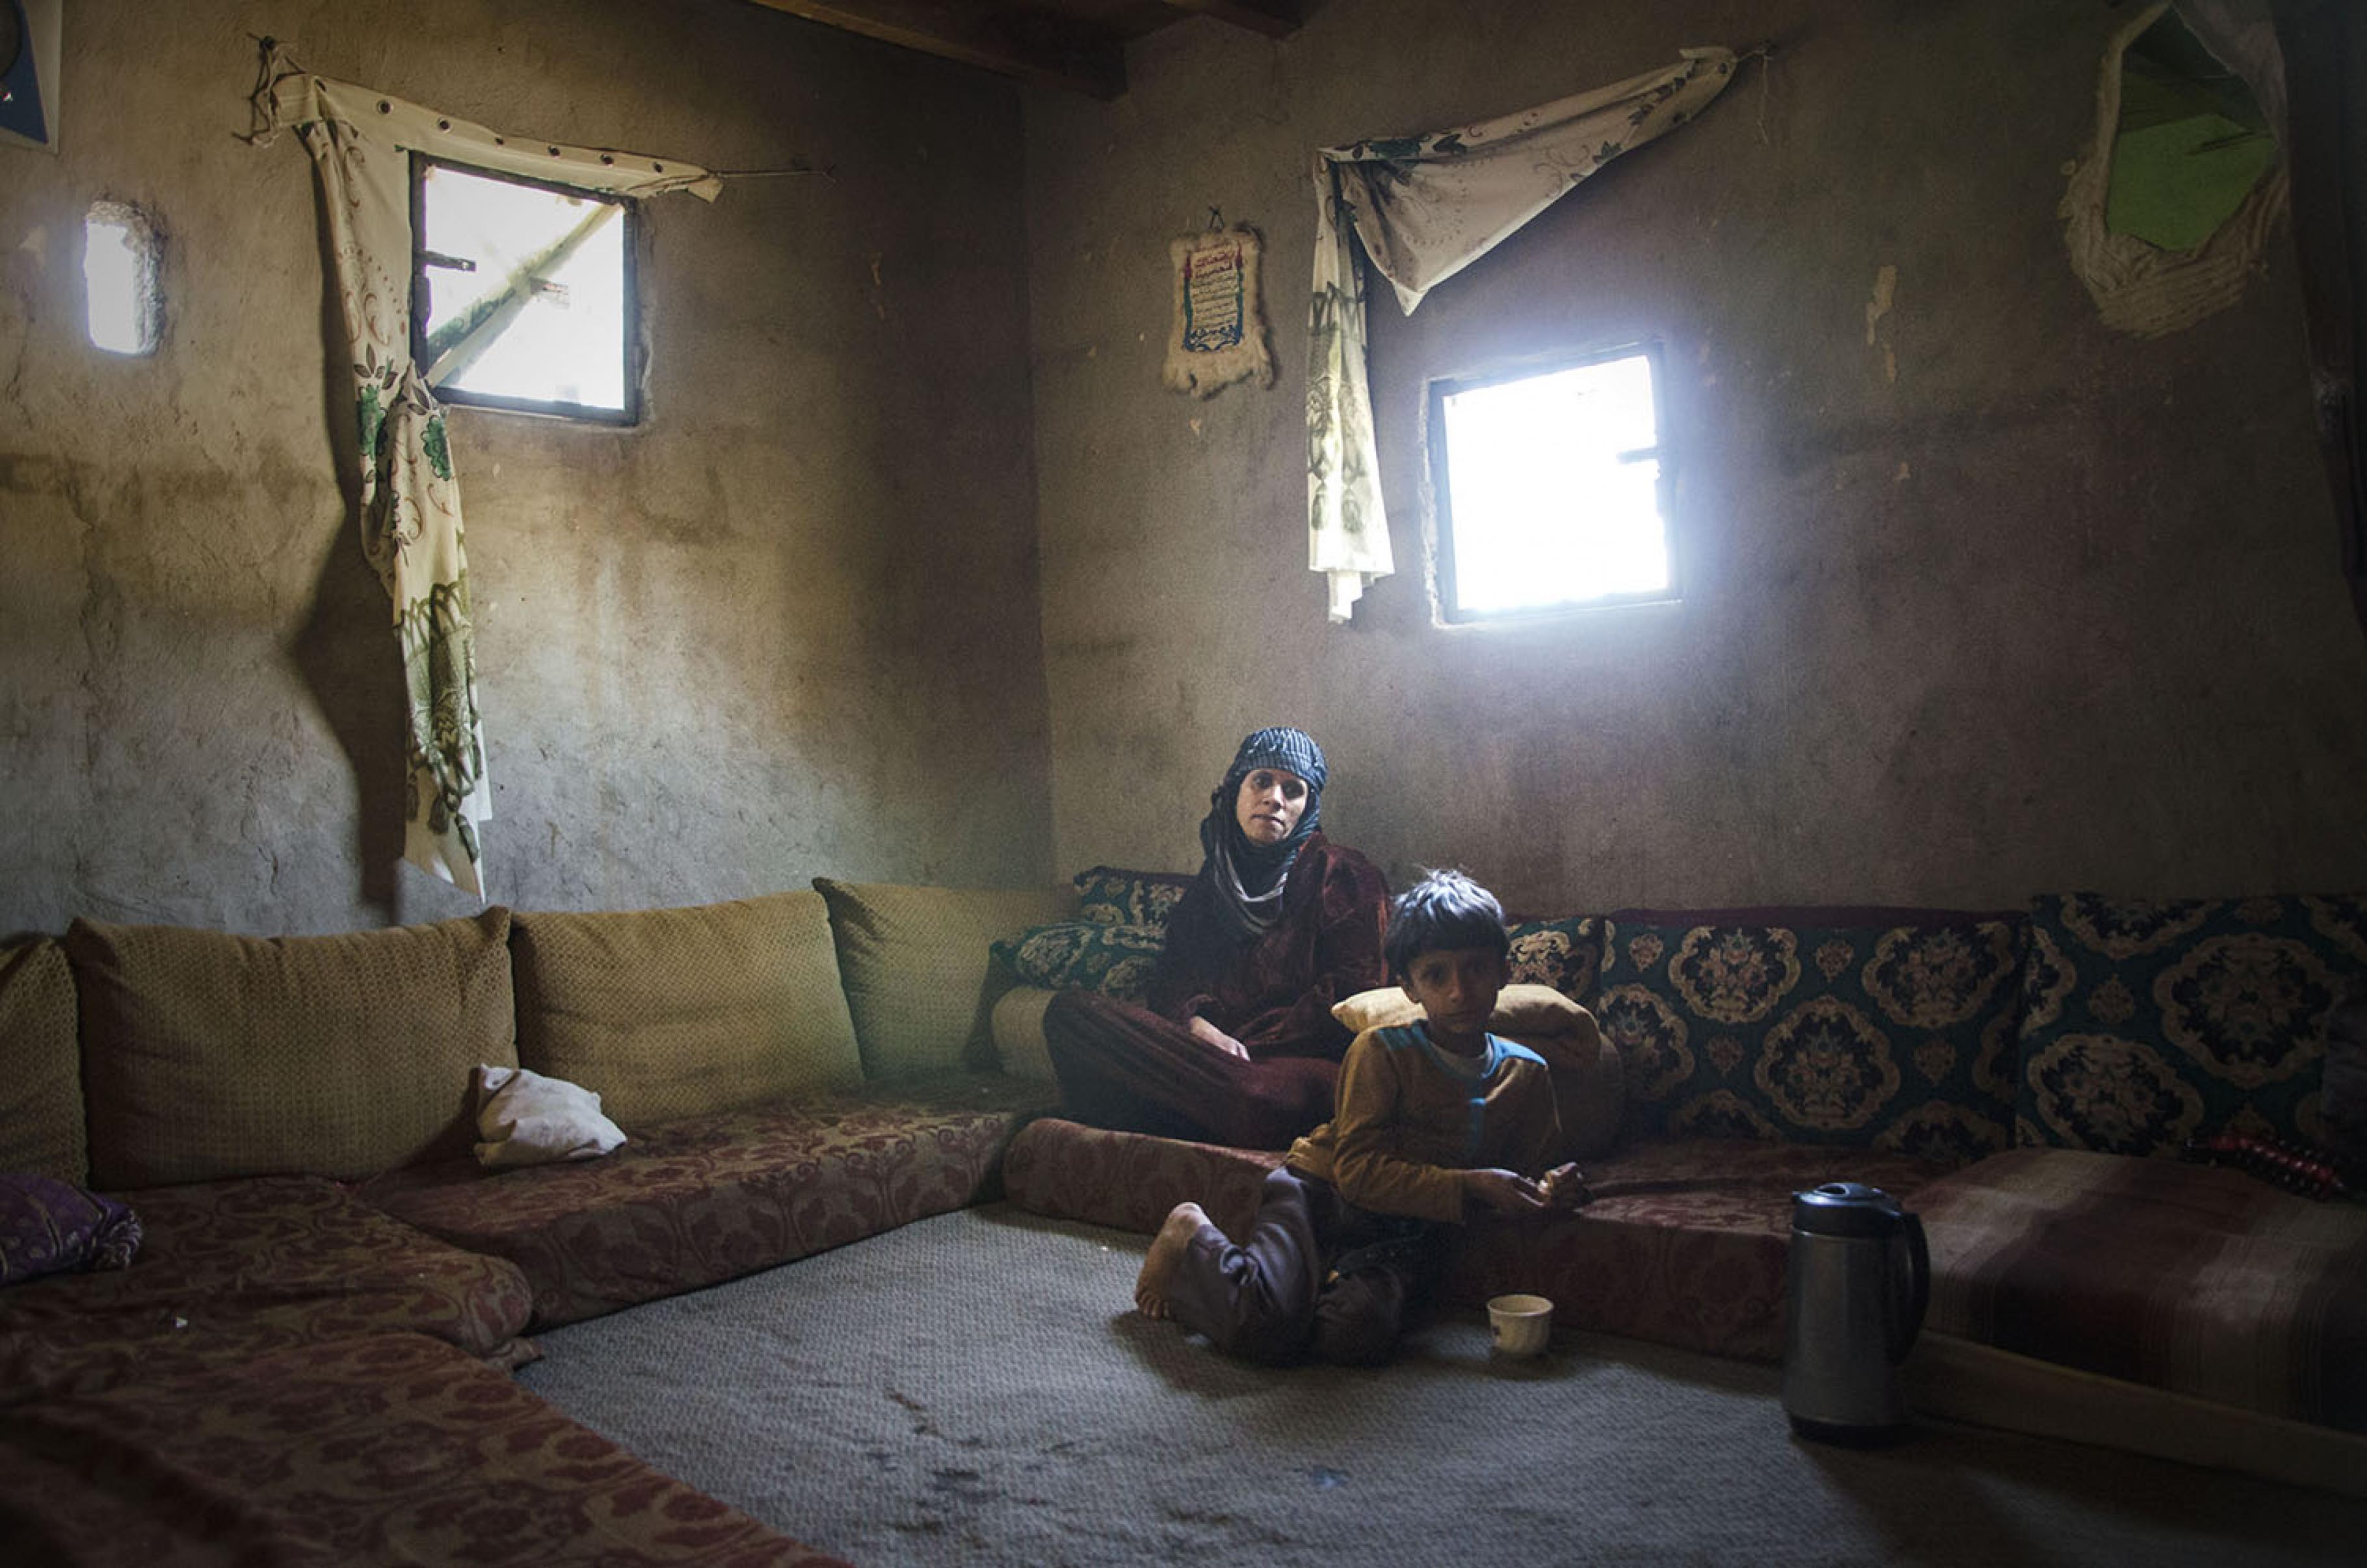 Katibas Sohn und ihre Mutter in ihrem Zuhause